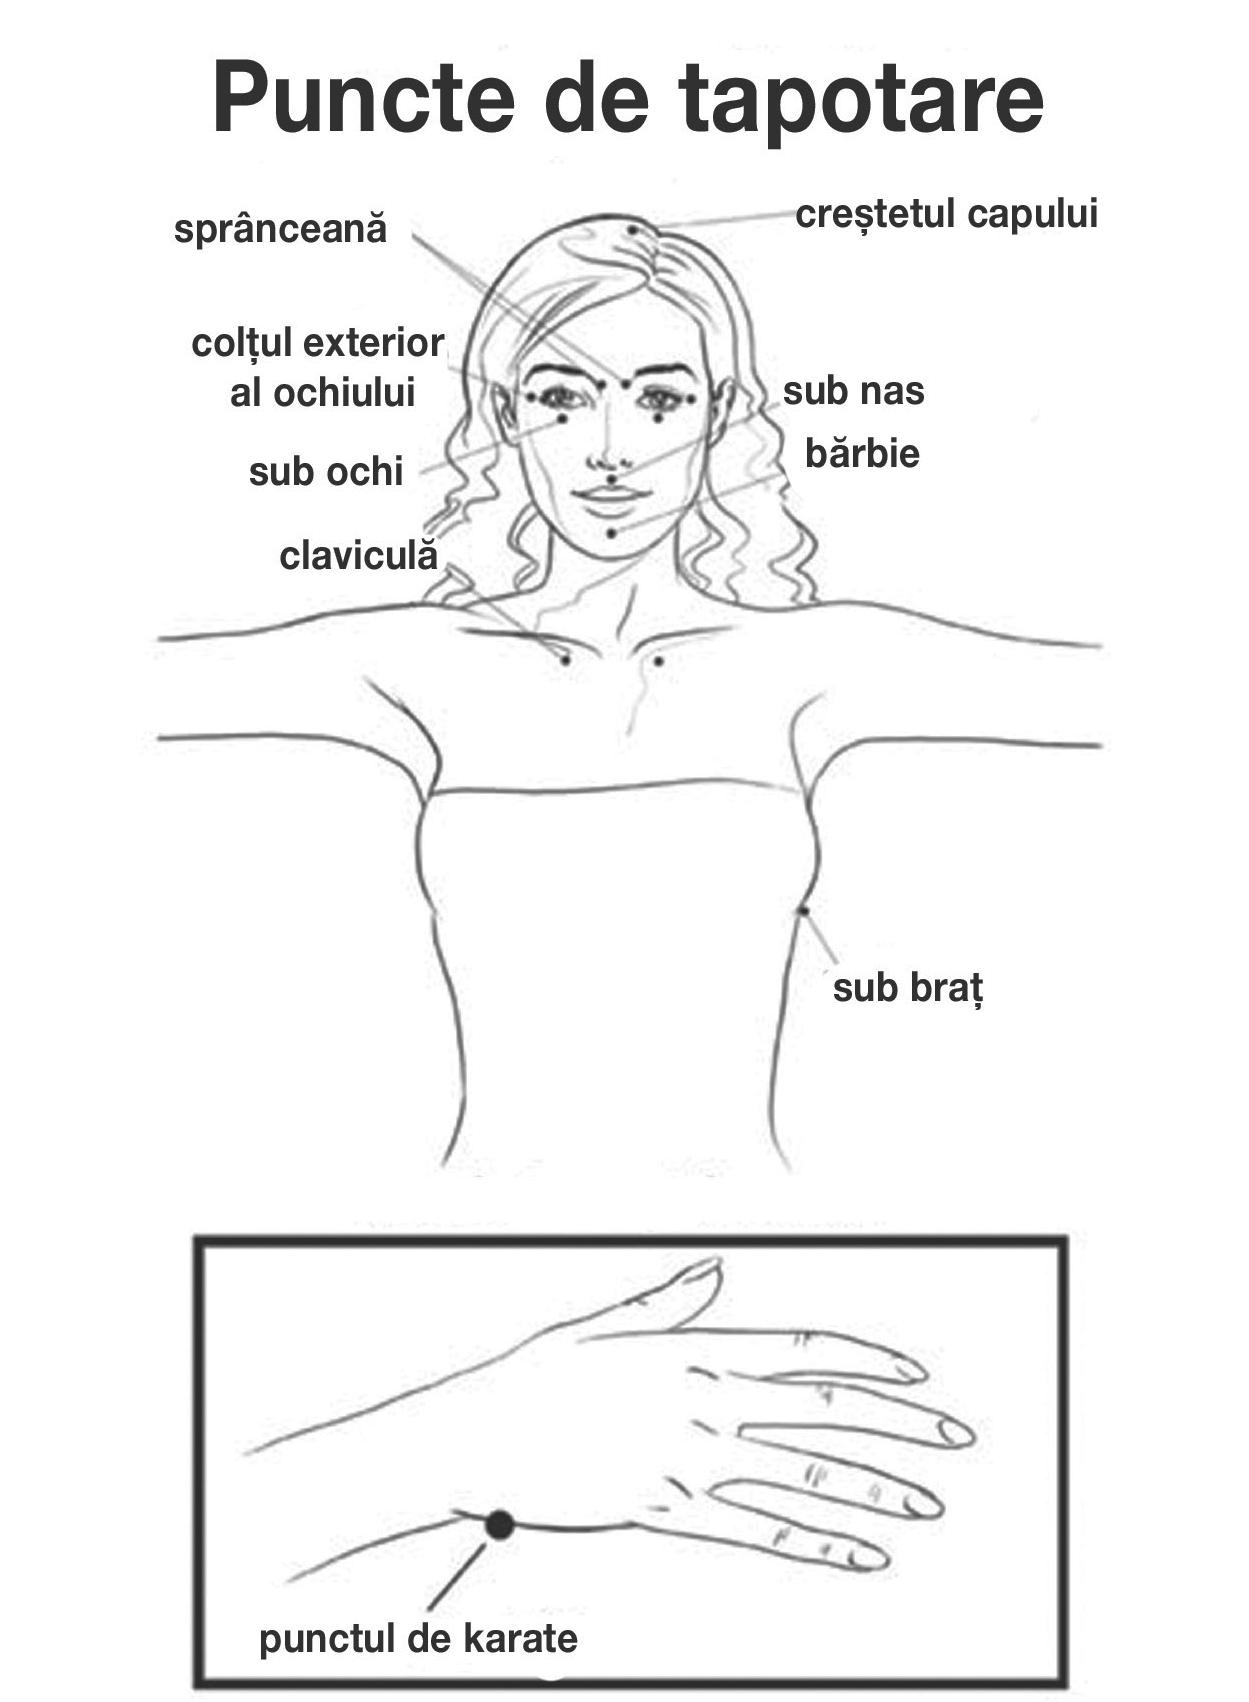 Ce să faci cu durerea în claviculă?